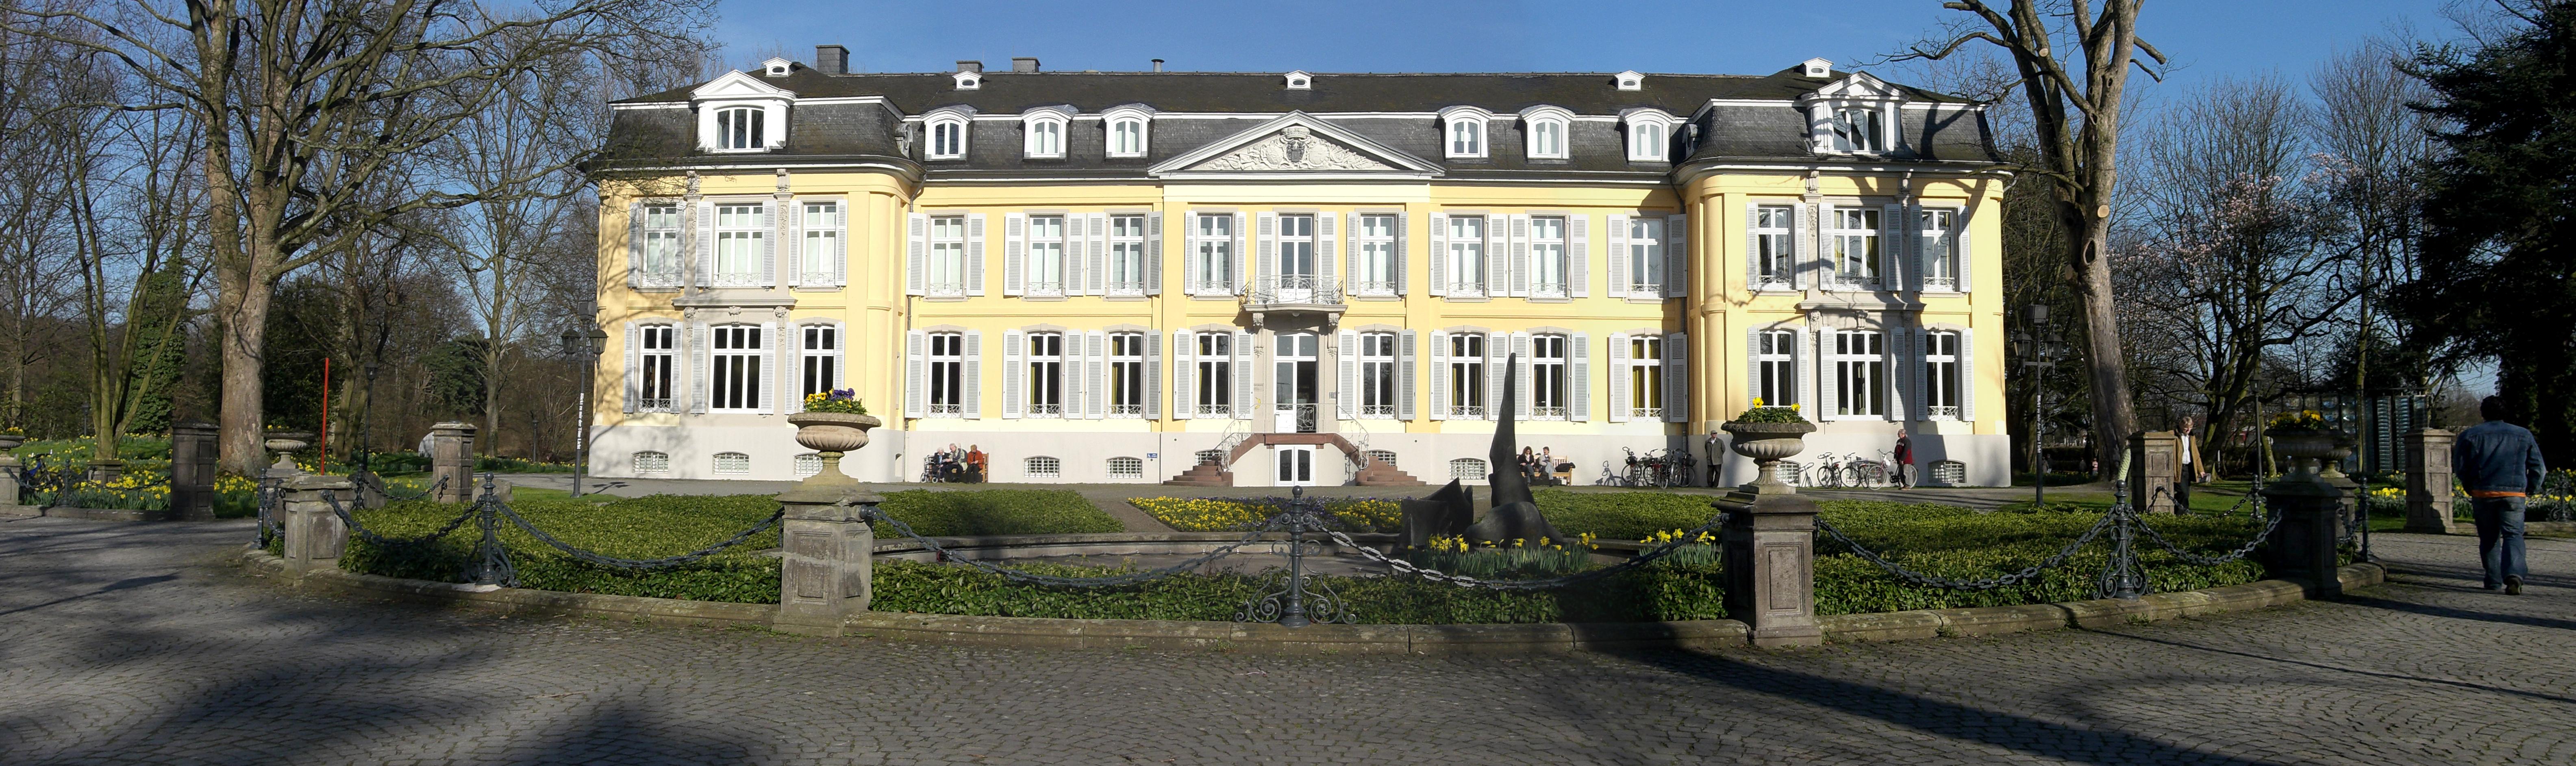 Schloss Morsborich Panorama.jpg